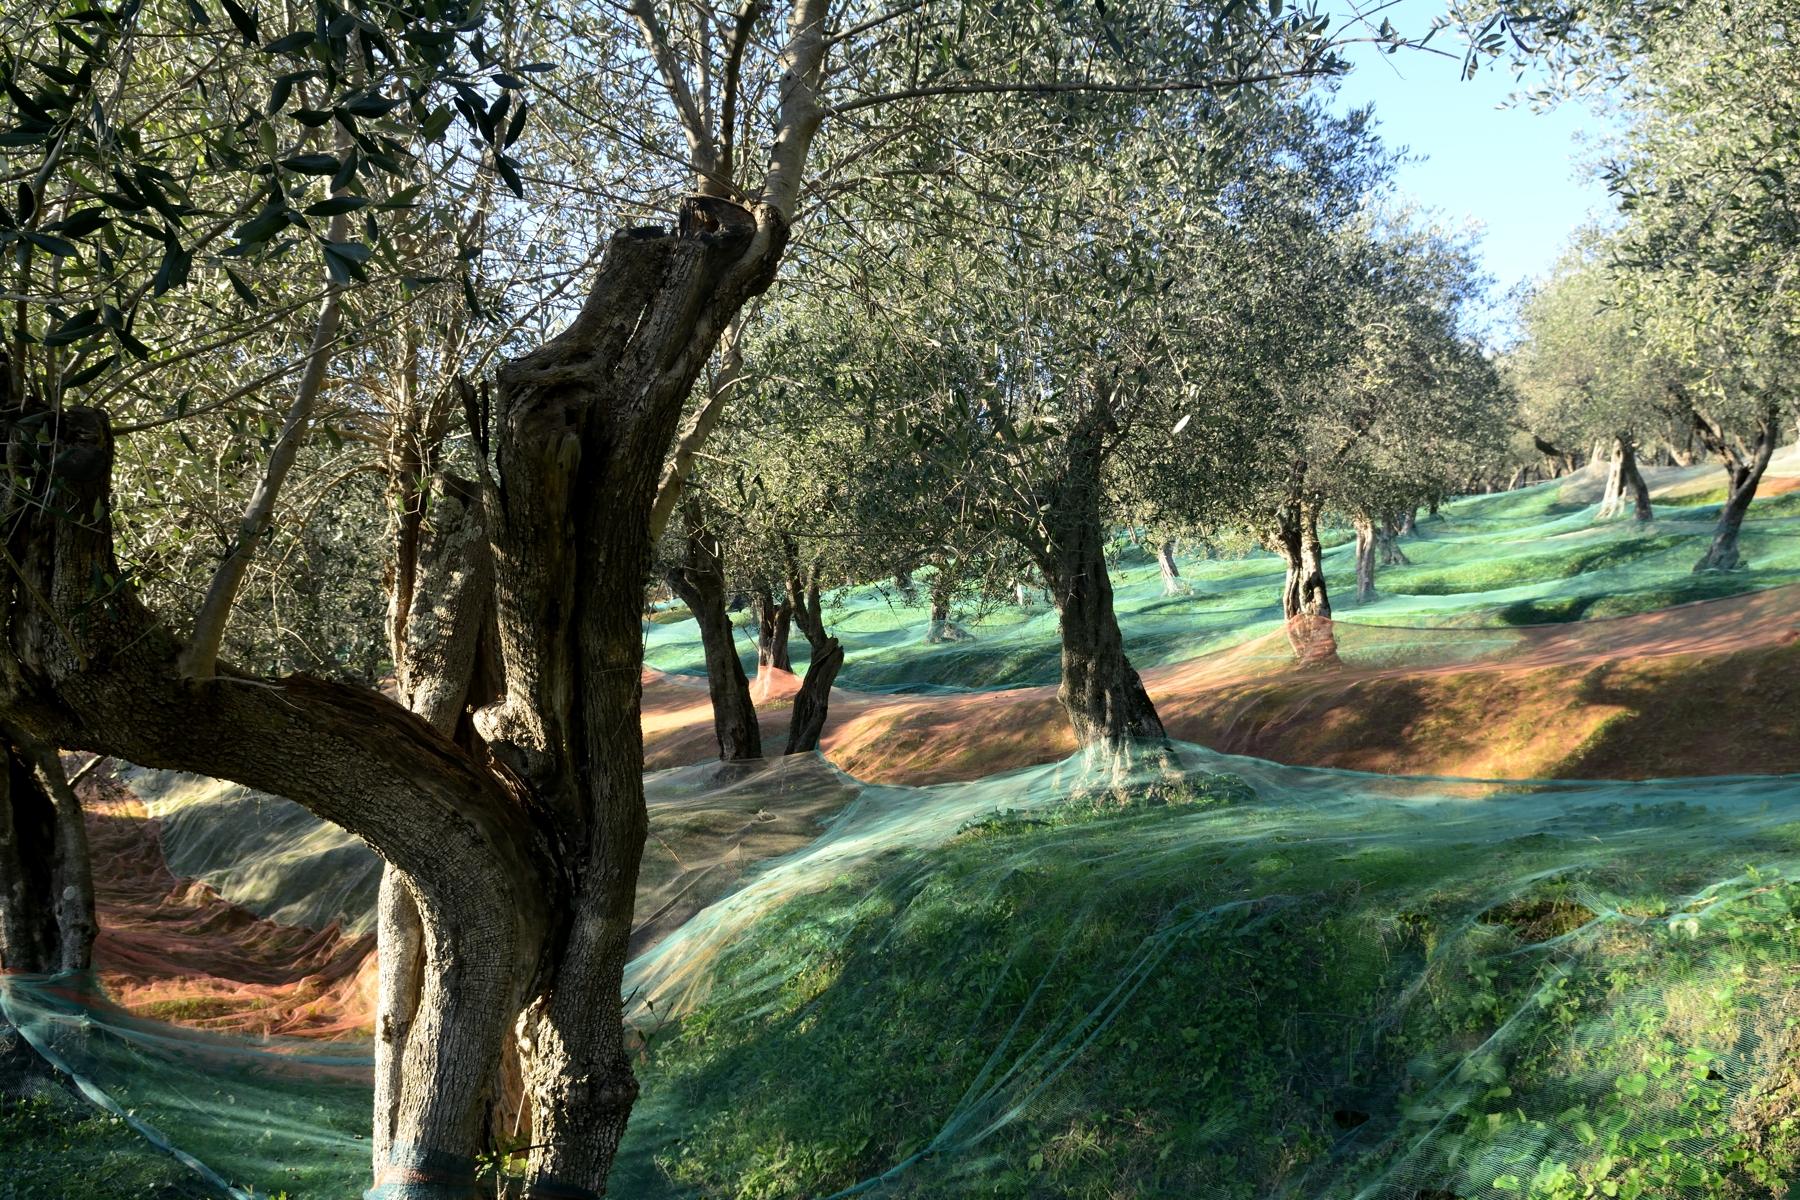 Assaggi d'Autunno. Escursione sul sentiero dell'olio d'oliva